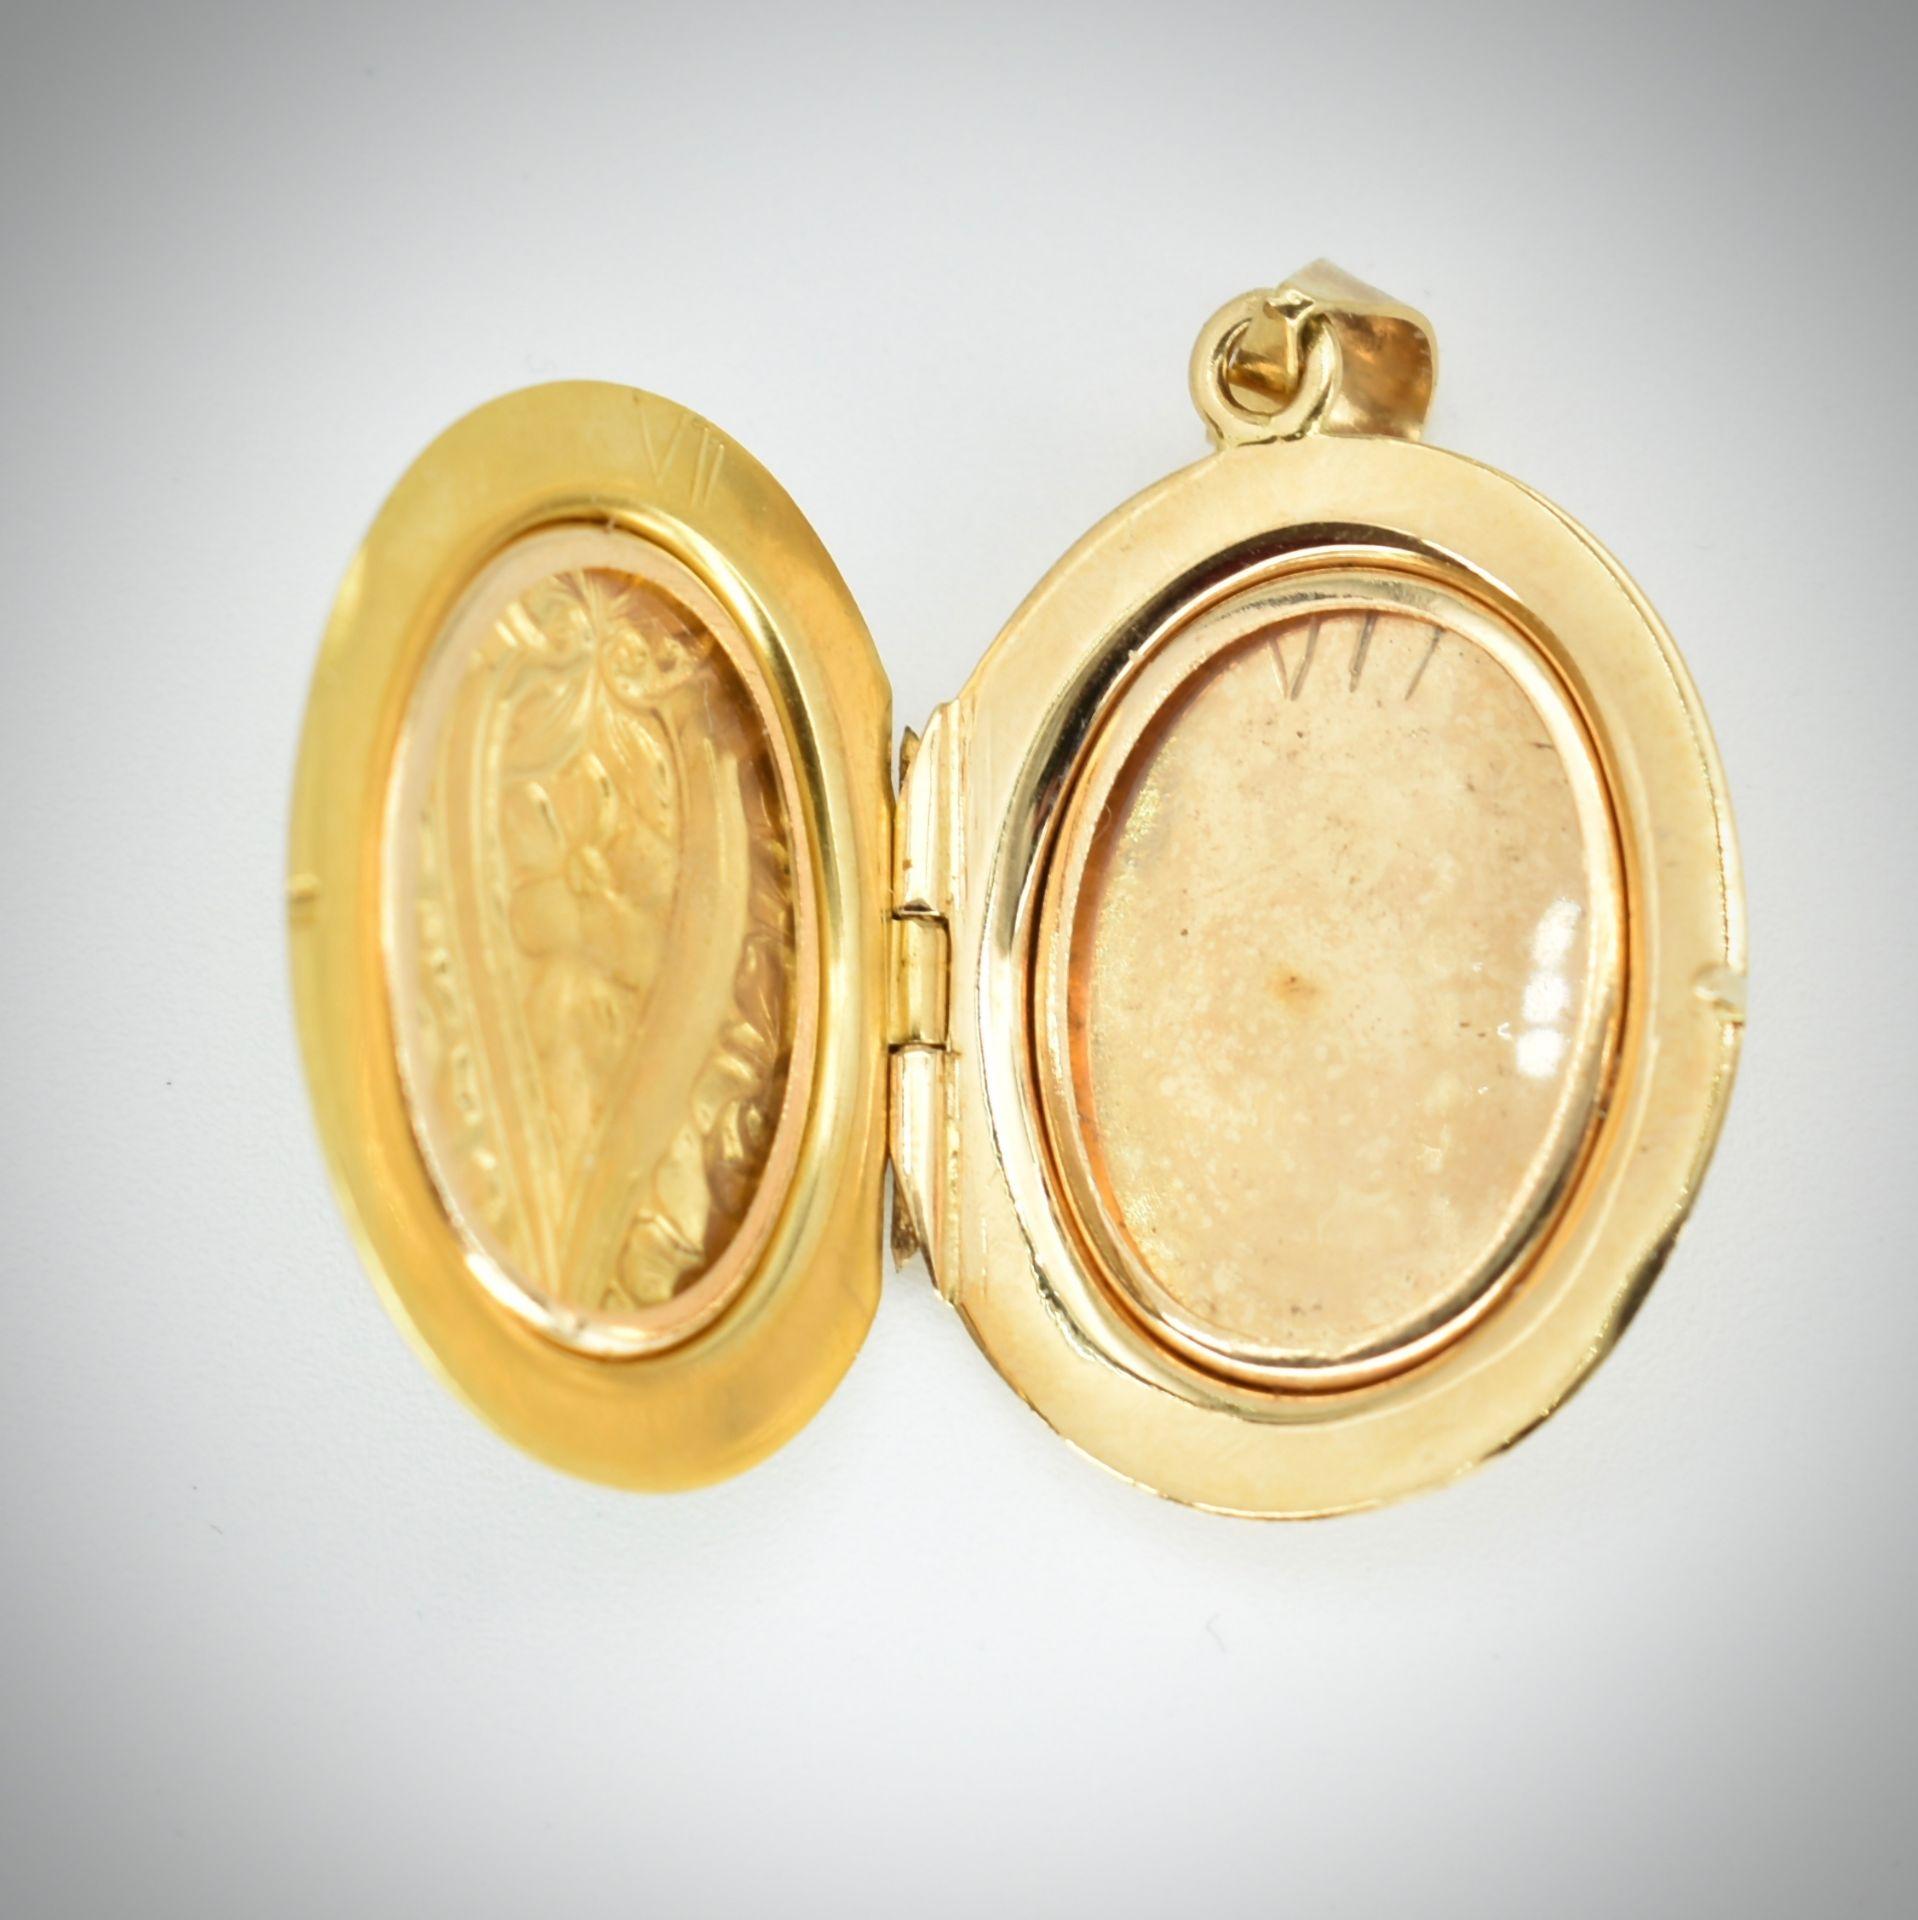 18ct Gold Locket - Image 3 of 3